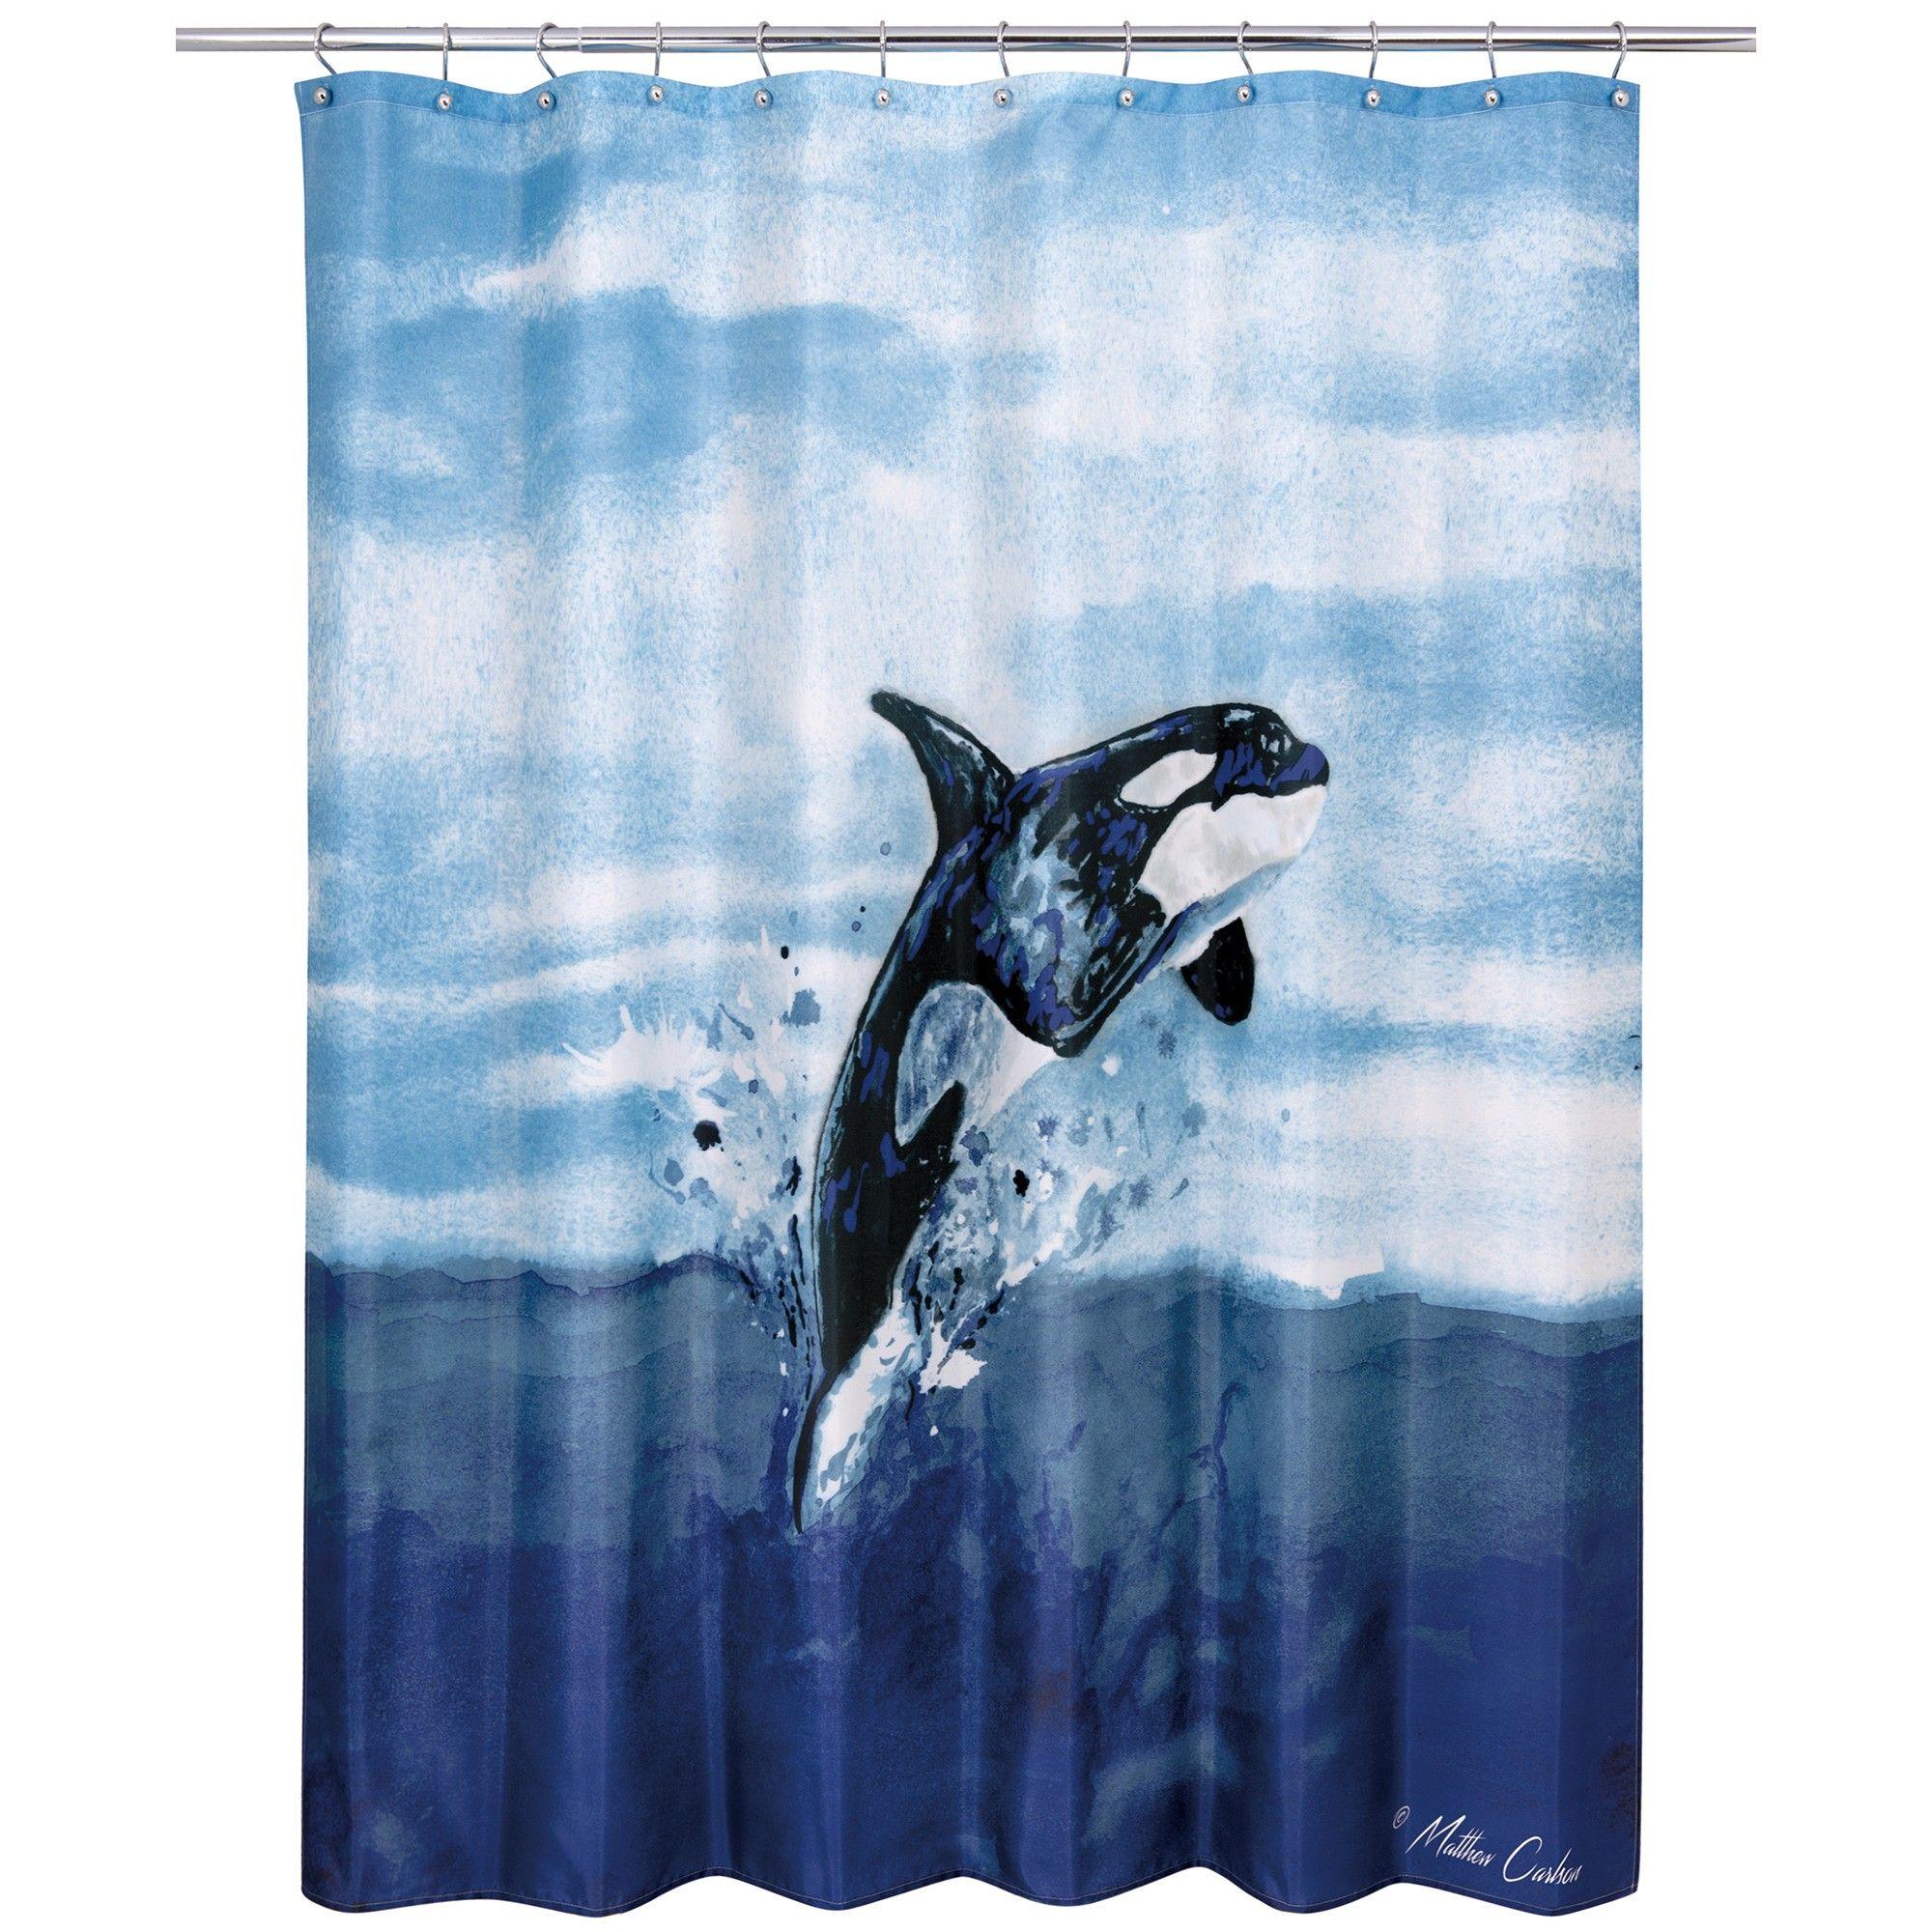 Orca Shower Curtain Blue